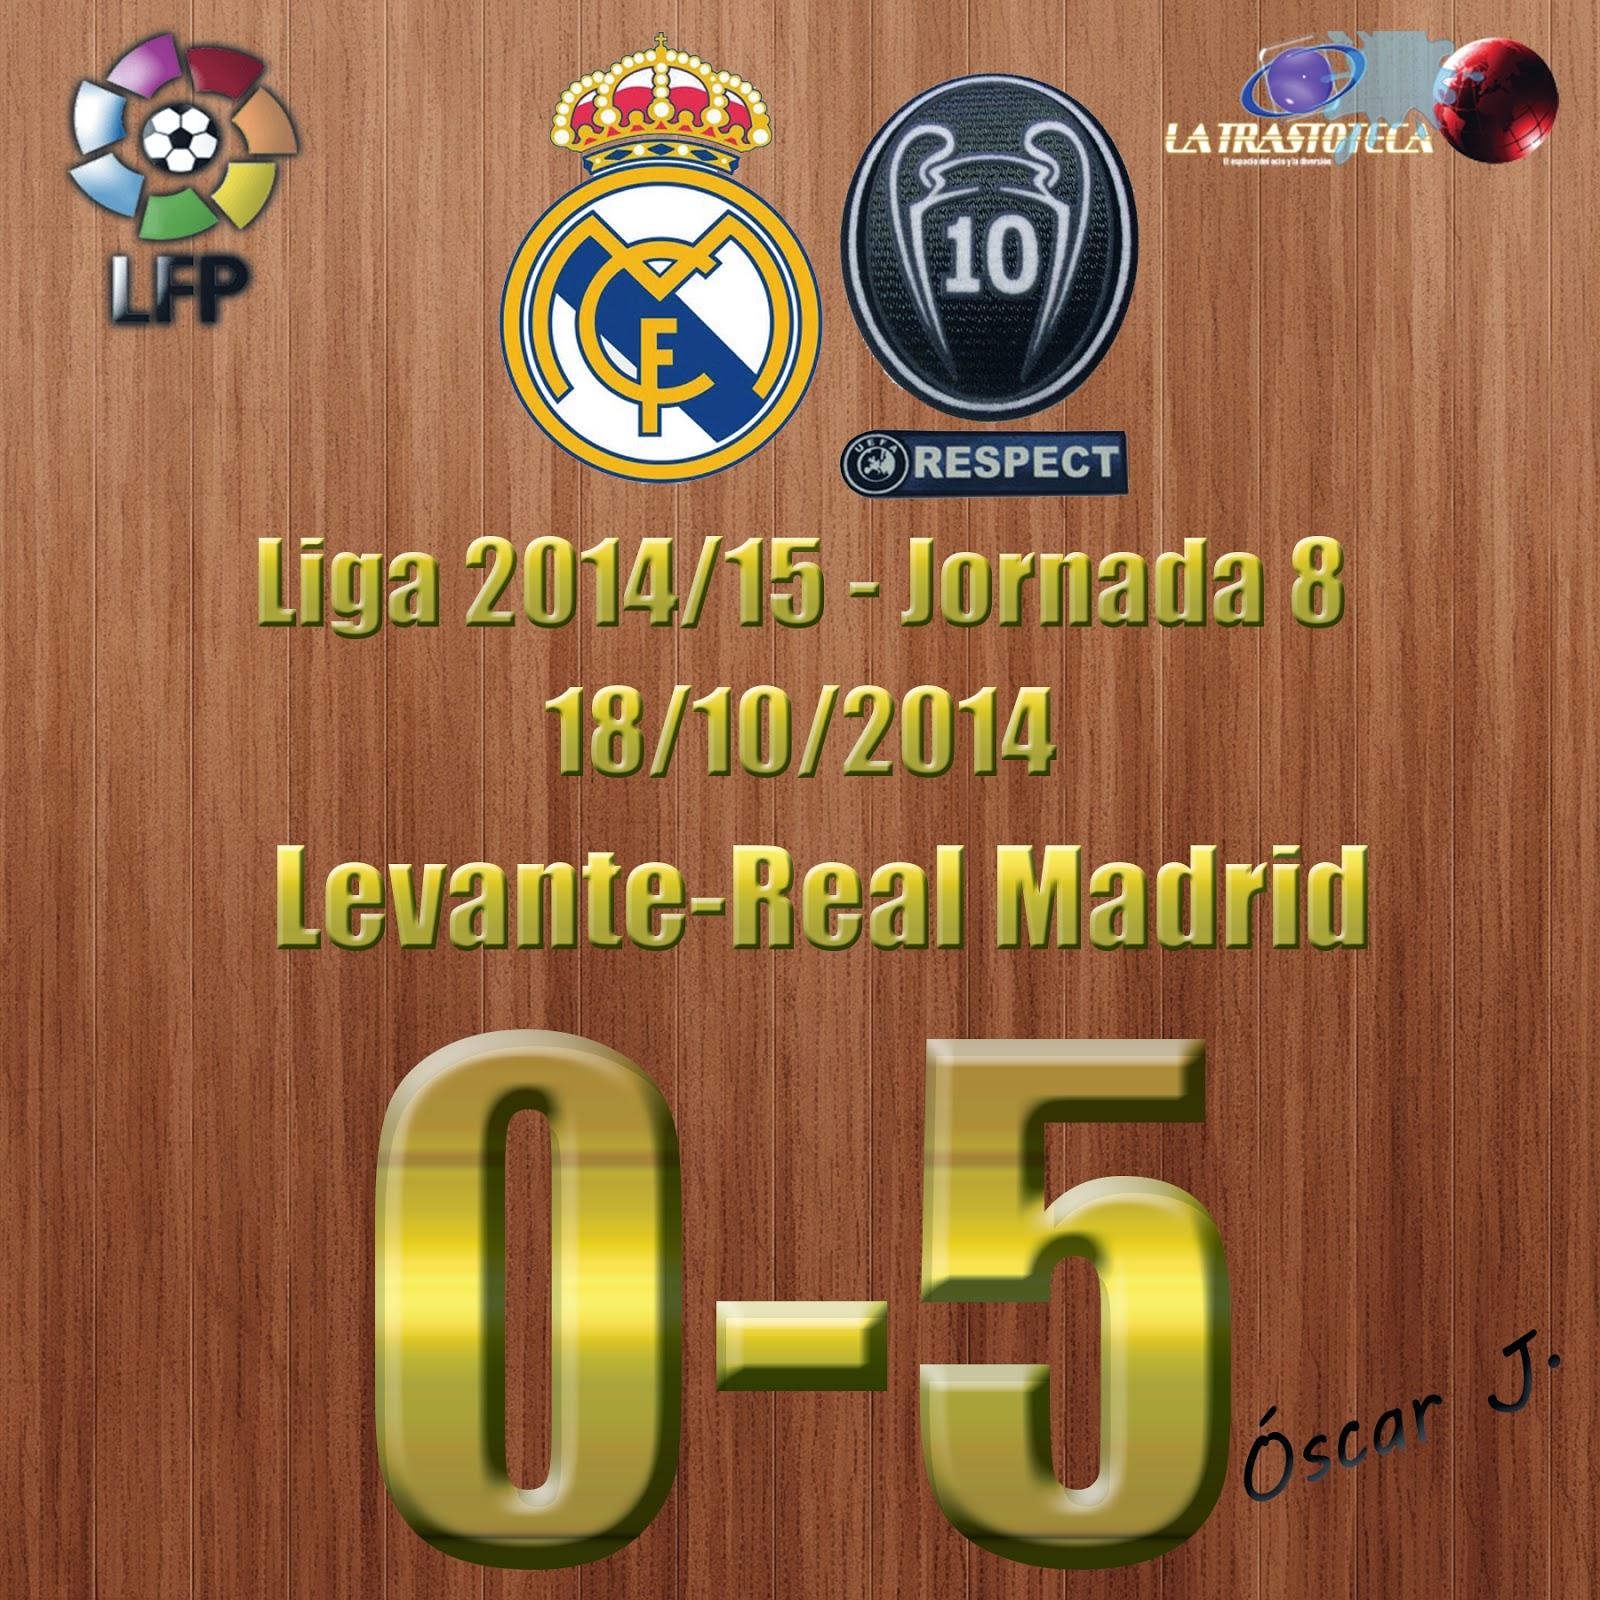 Levante 0-5 Real Madrid - Liga 2014/15 - Jornada 8 (18/10/2014) - Doblete de Cristiano Ronaldo.